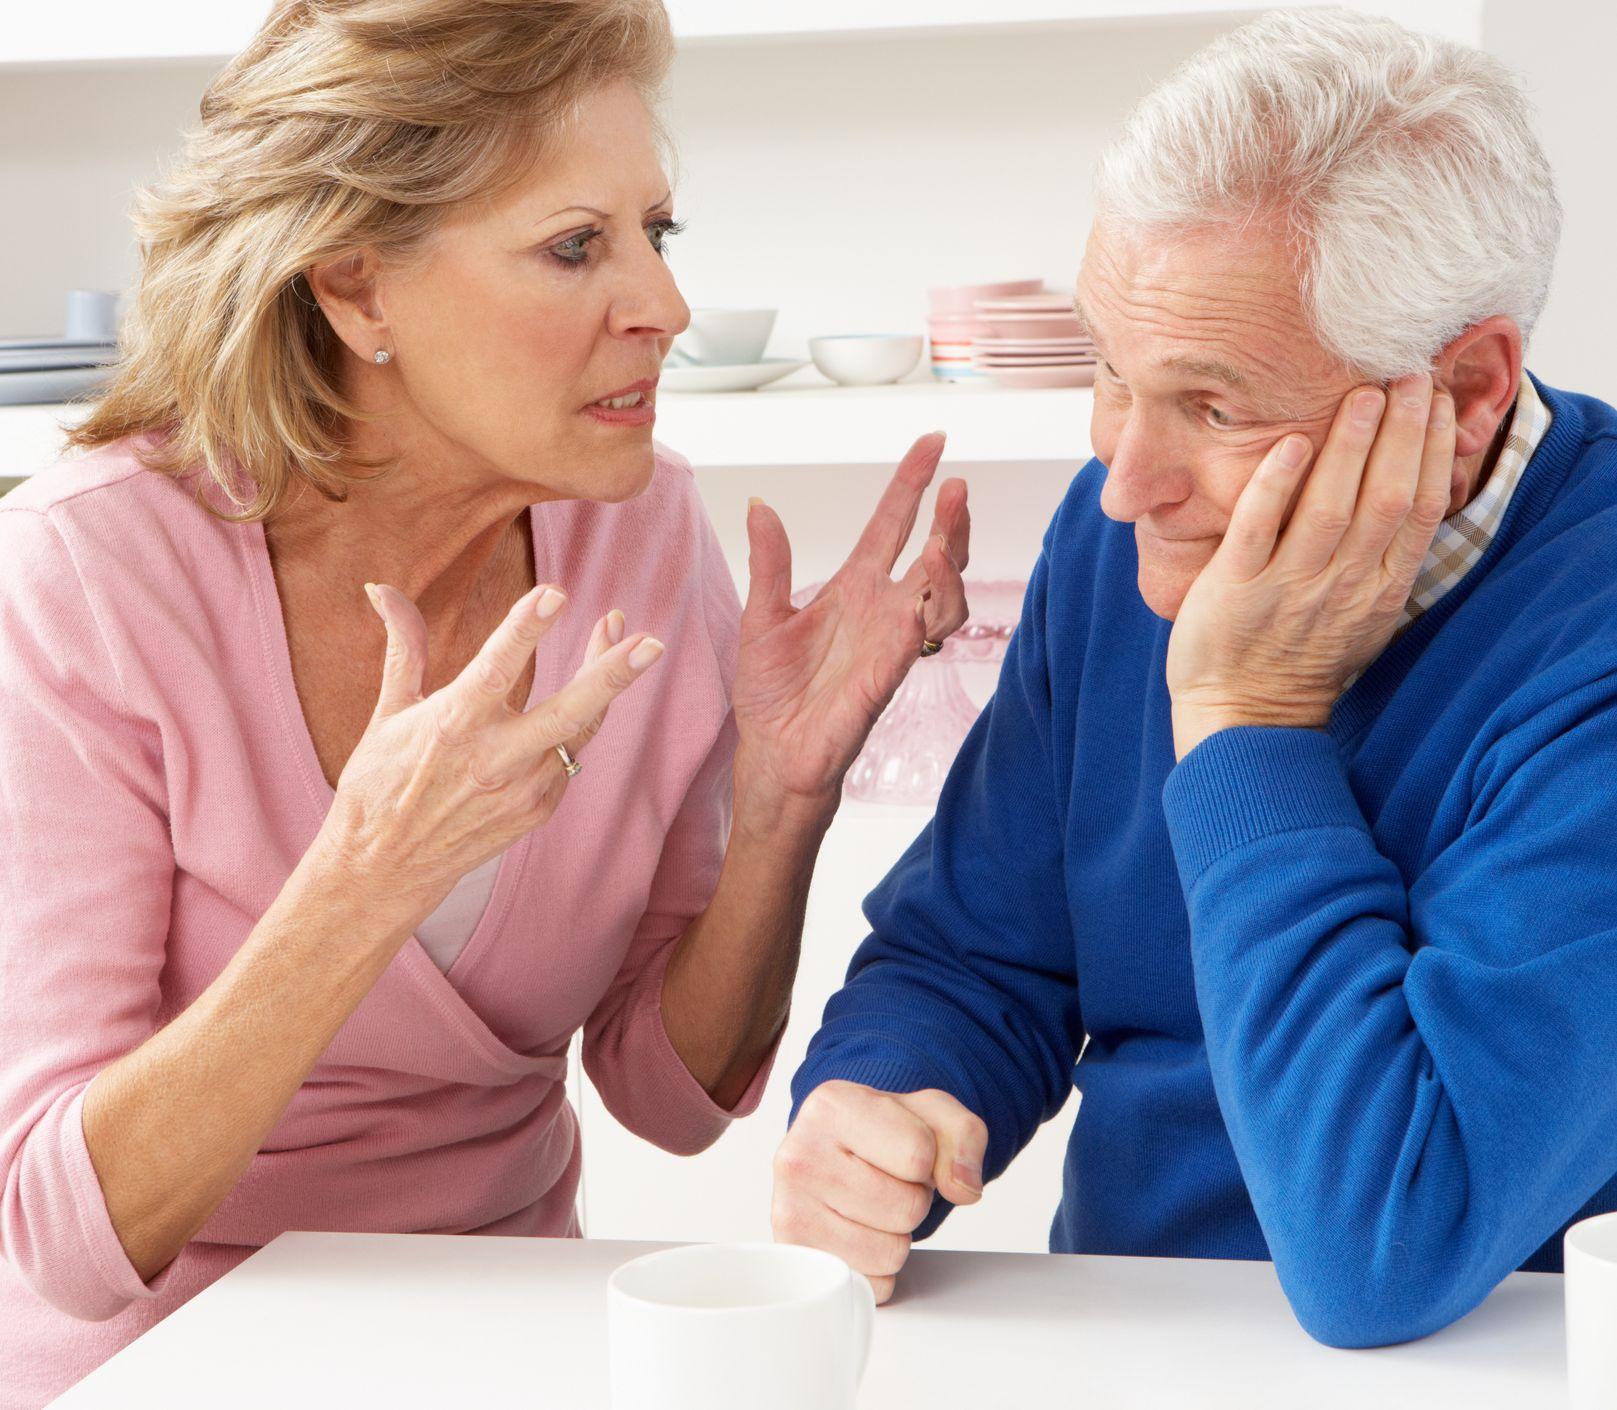 Schyľuje sa u vás k rozvodu? Rozpoznajte varovné signály a zakročte včas!